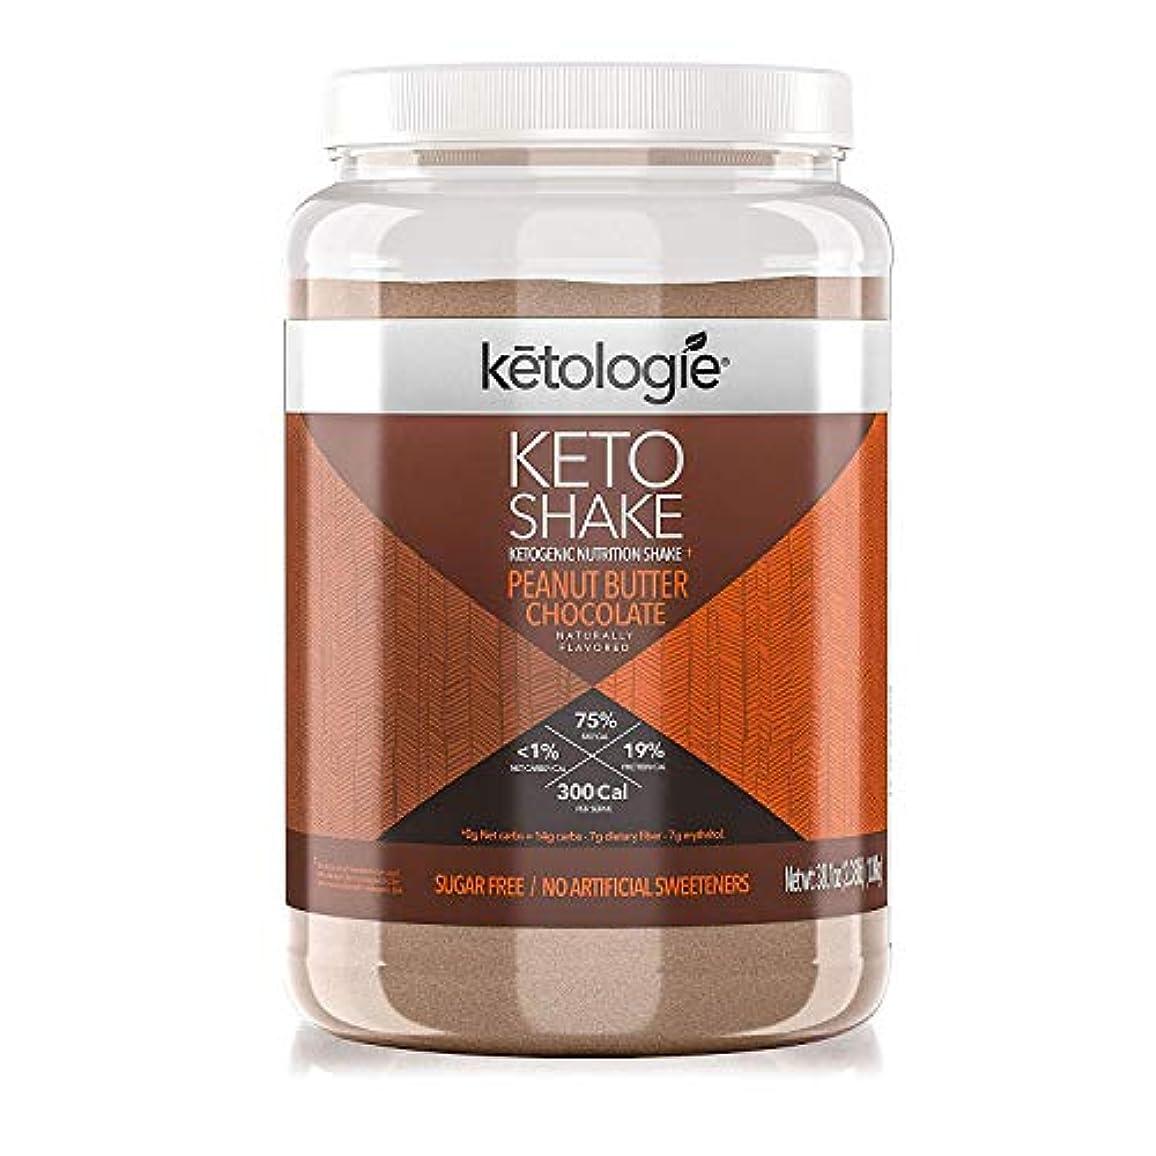 ボタンランダム順応性のある[Ketologie] [コラーゲンケトシェイク(チョコレートピーナッツバター) Collagen Keto Shake (Chocolate Peanut Butter)]